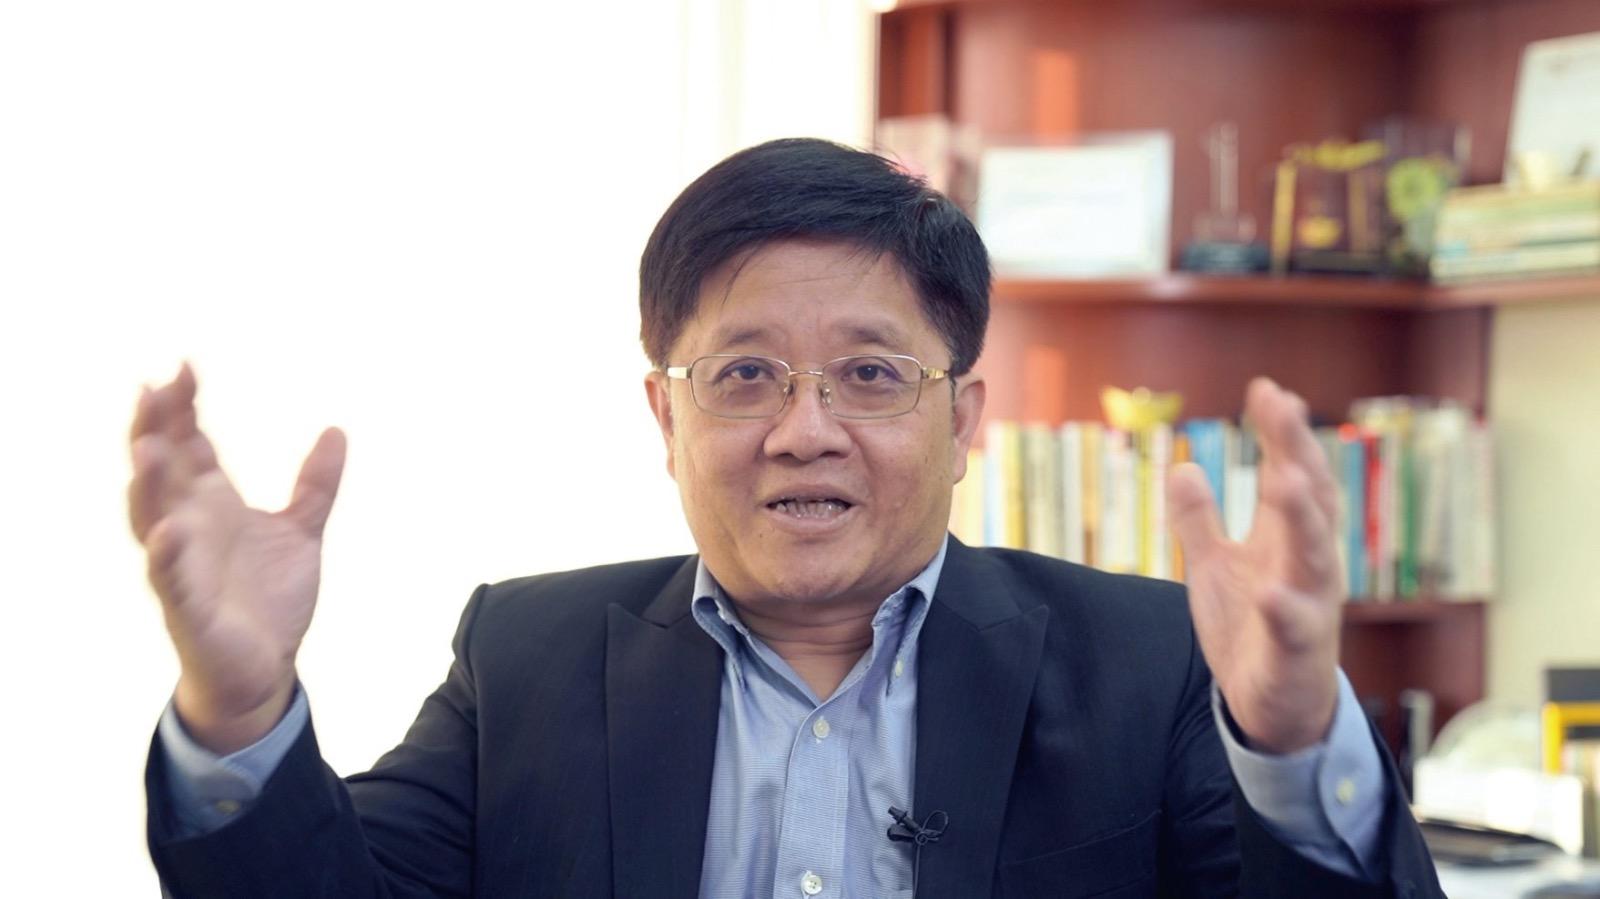 冠域商業及經濟研究中心主任關焯照認為,香港股市及匯市的影響還要看美國在各個領域的具體行動,包括具體的關稅待遇、簽證政策、高科技產品採購及貨幣政策。(大紀元圖片庫)